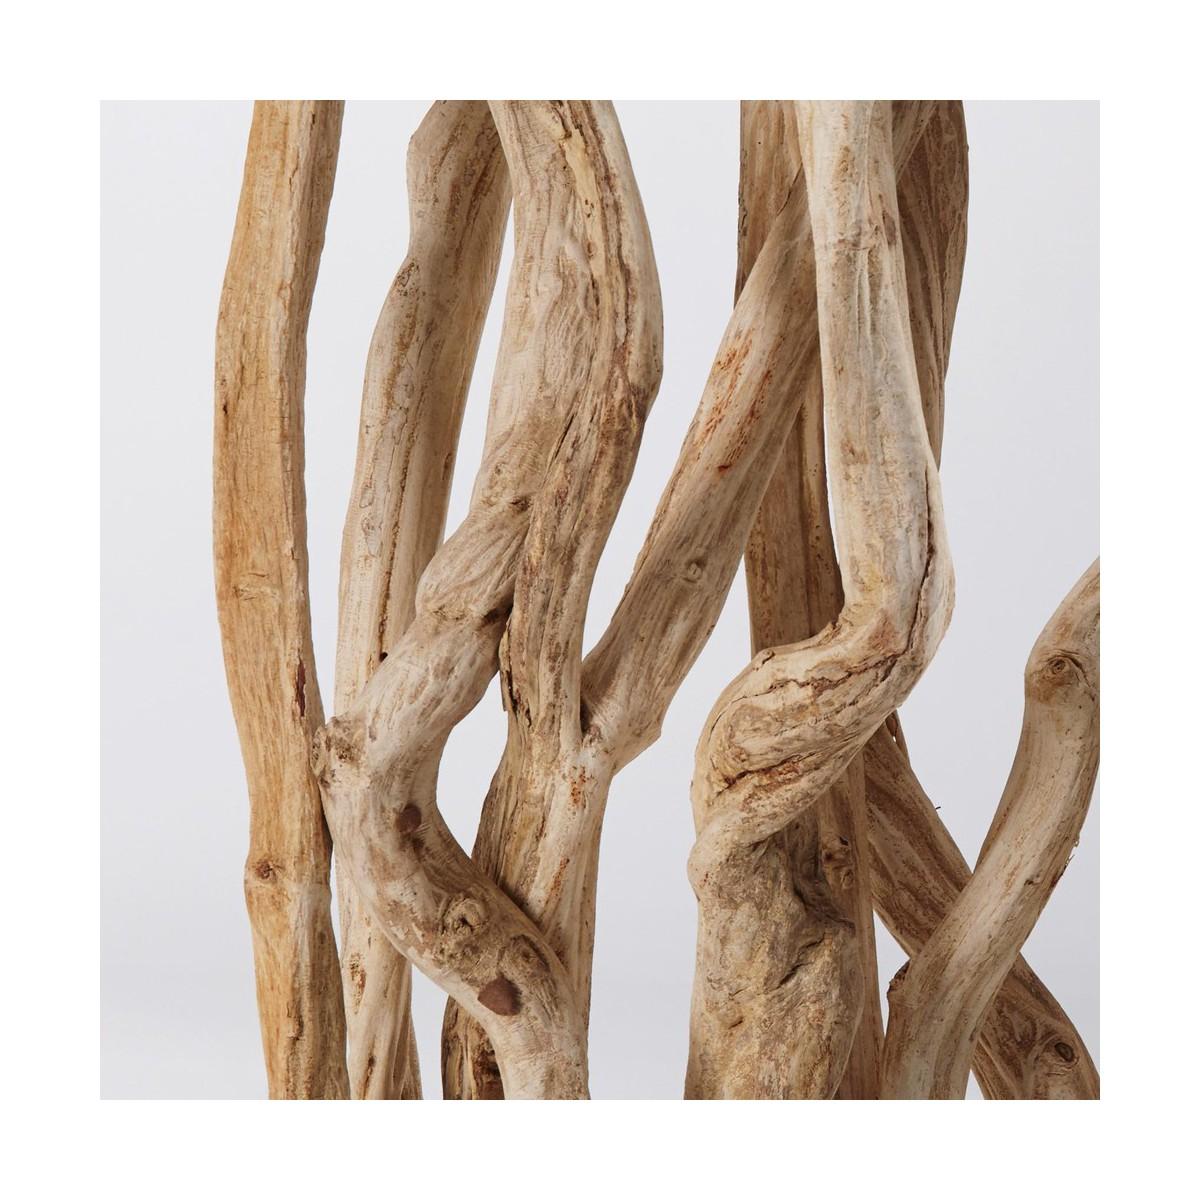 affordable paravents maison du monde paravent oye u bois flott u boudoir du paravent bois flott maison du monde with paravent bambou maison du monde